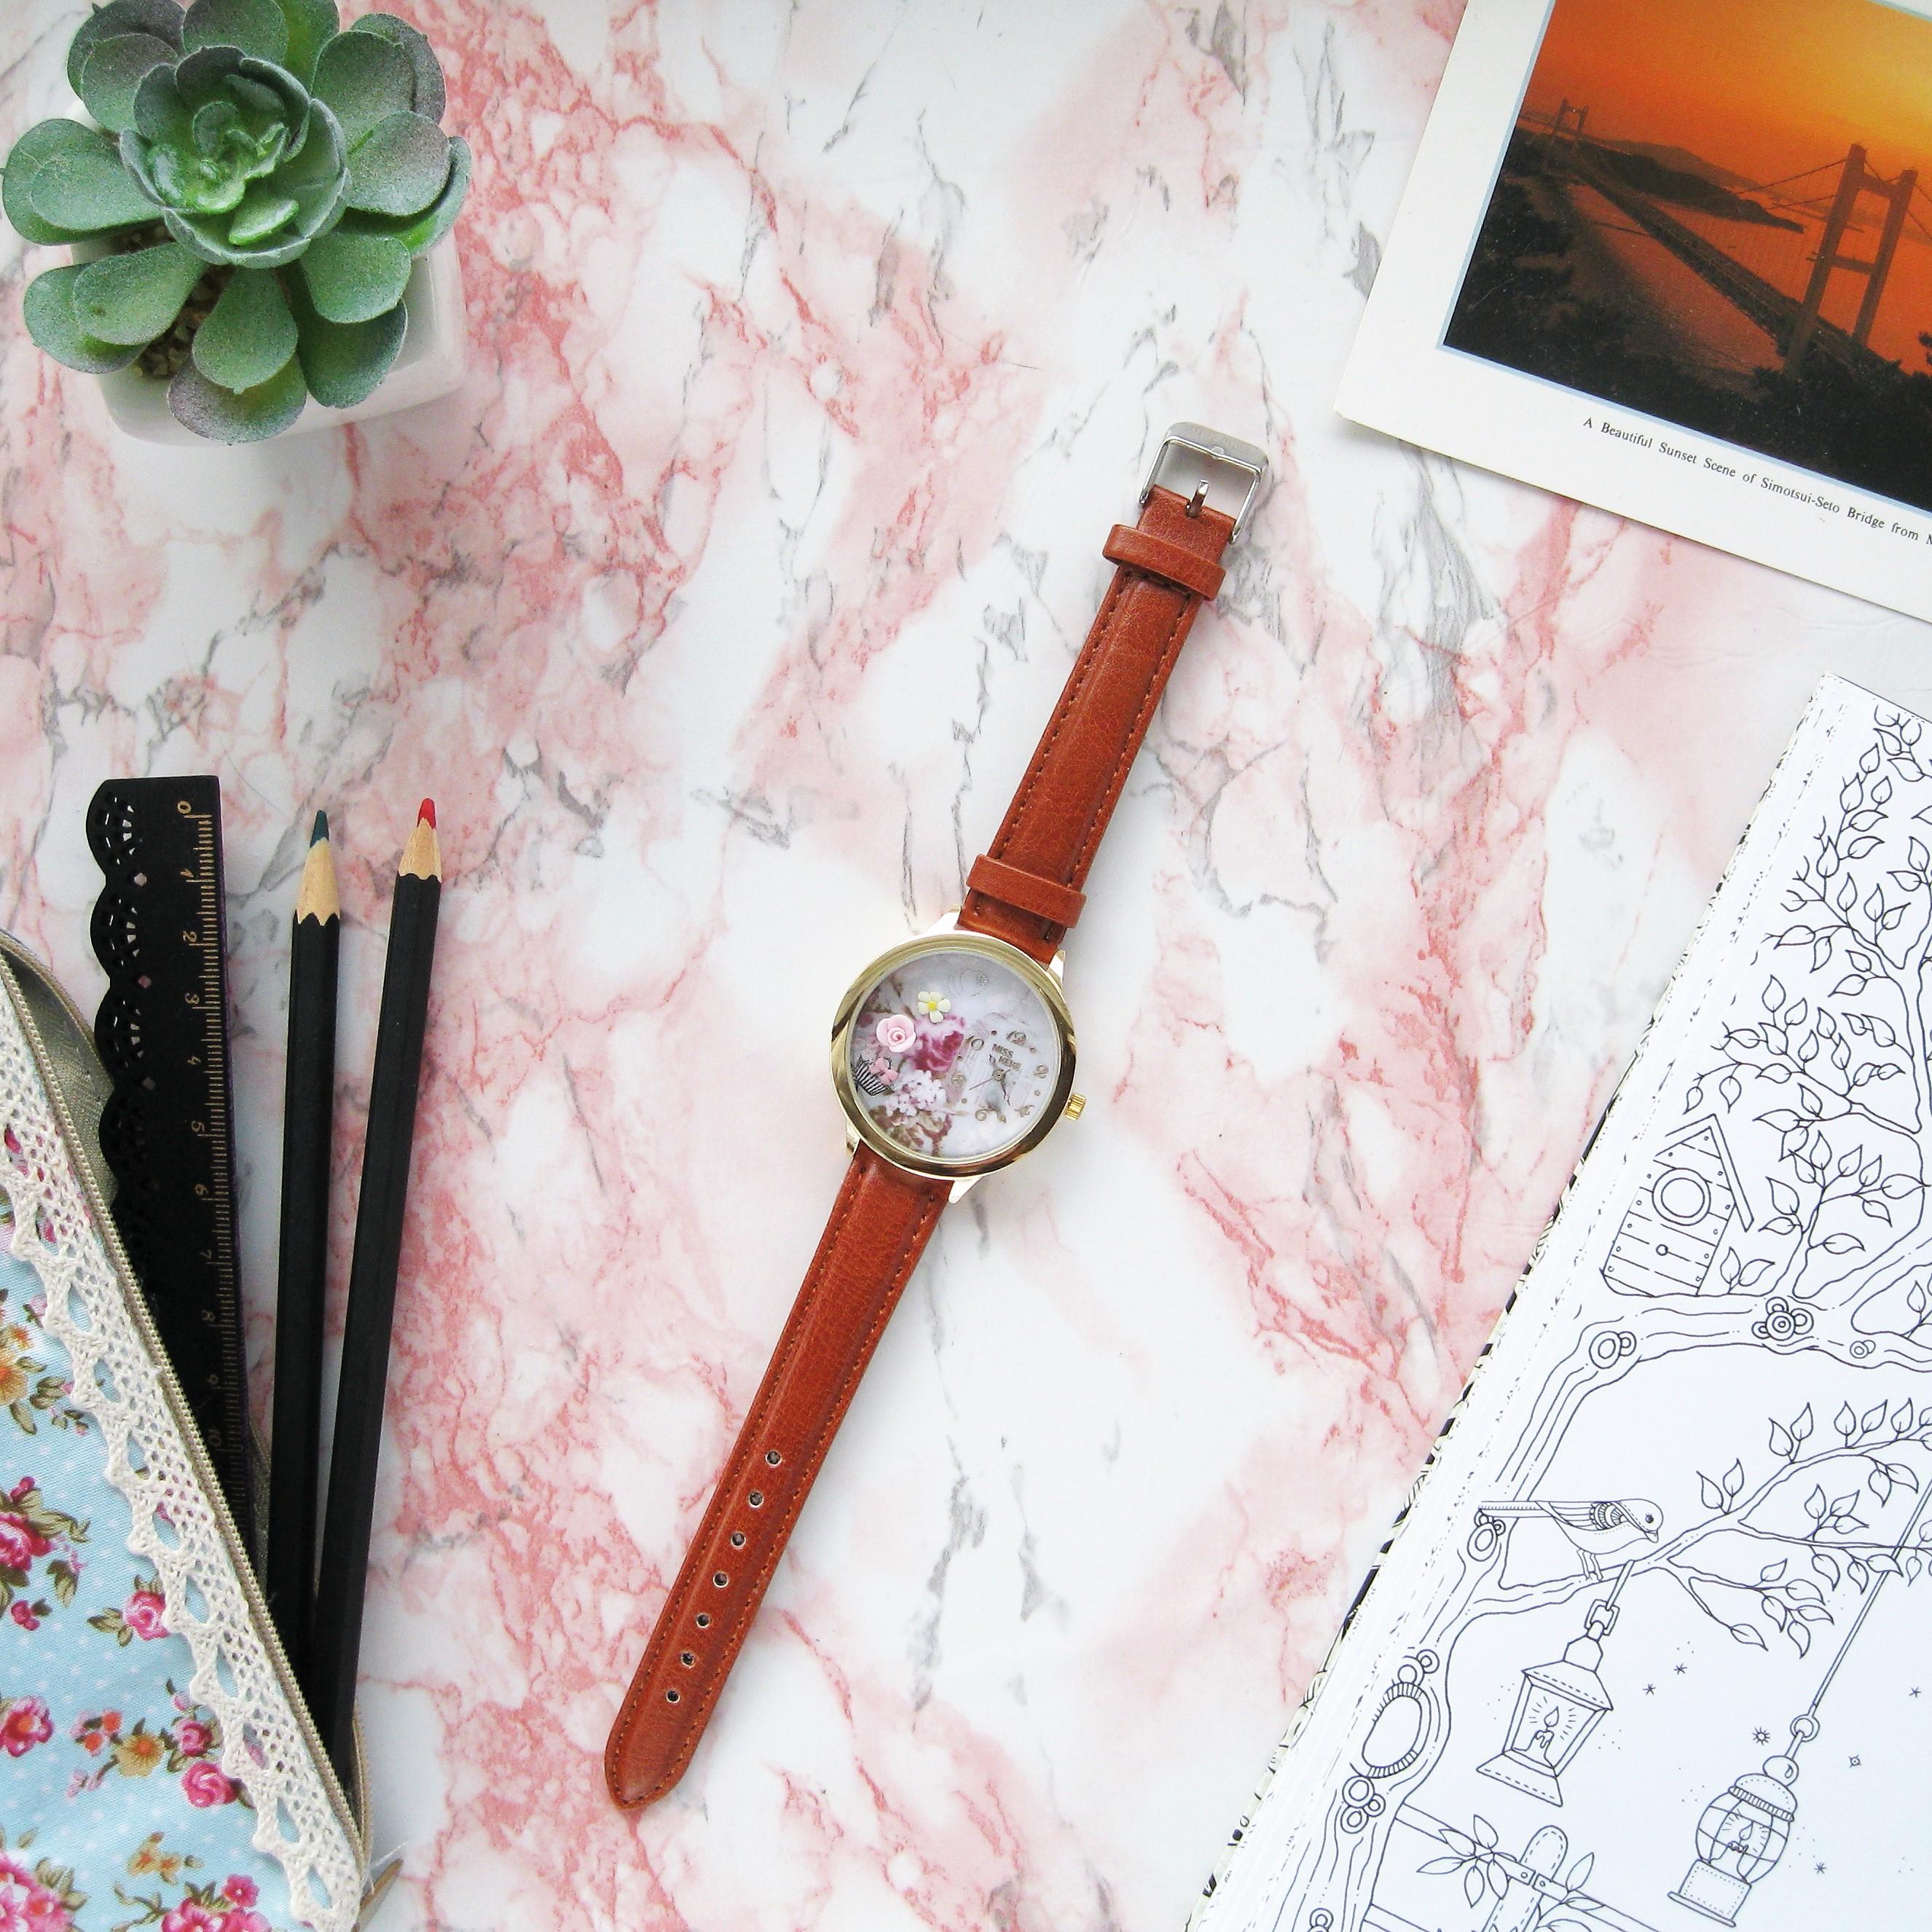 Часы с миниатюрами из полимерной глины от китайской фирмы MISS KEKE